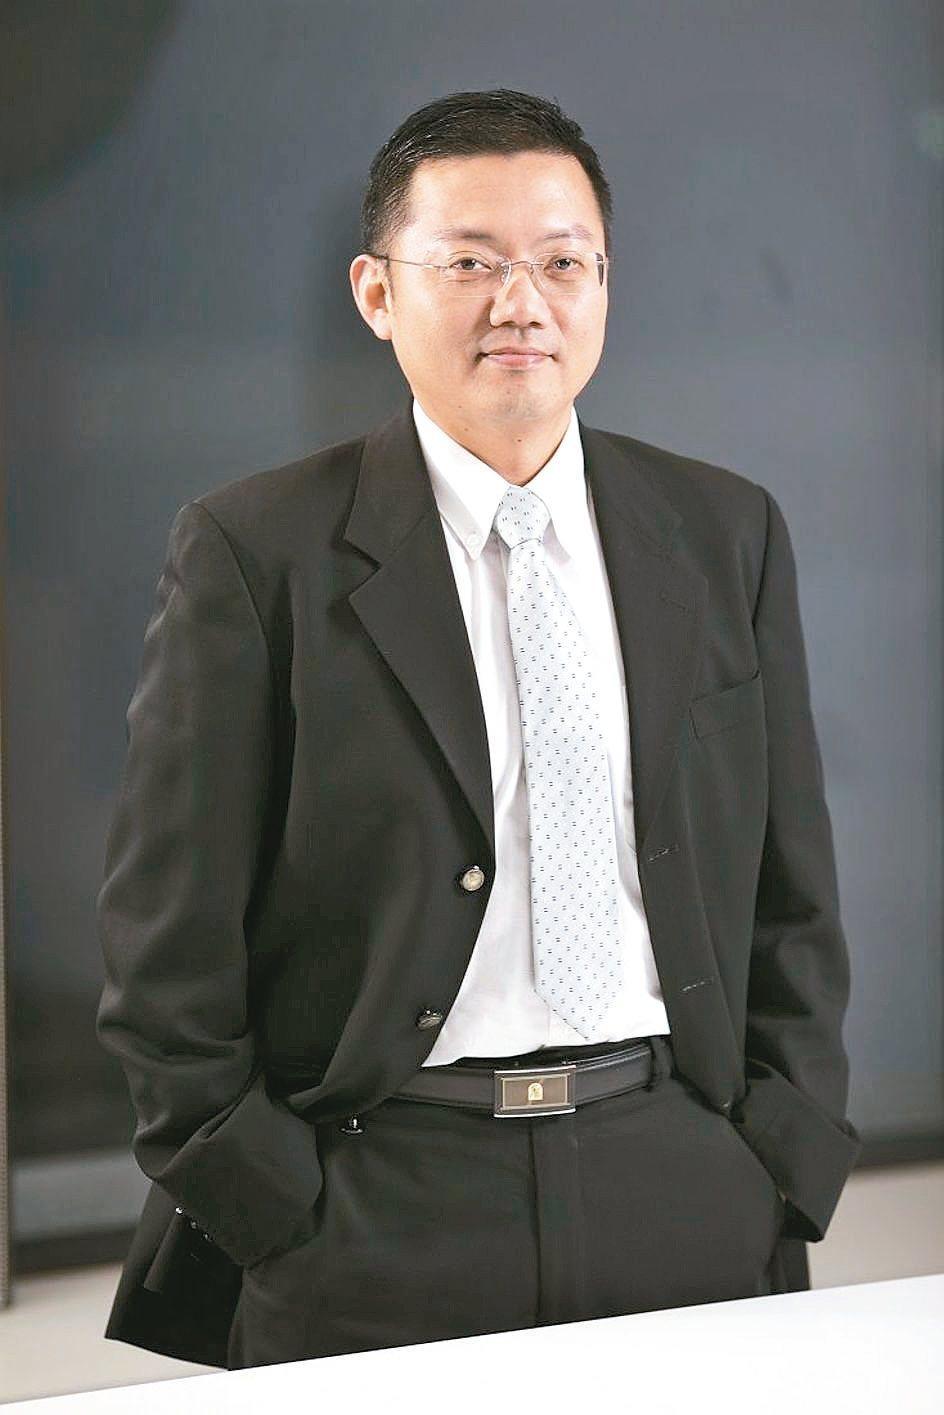 勤業眾信風險管理諮詢公司執行副總經理吳佳翰。 勤業眾信/提供